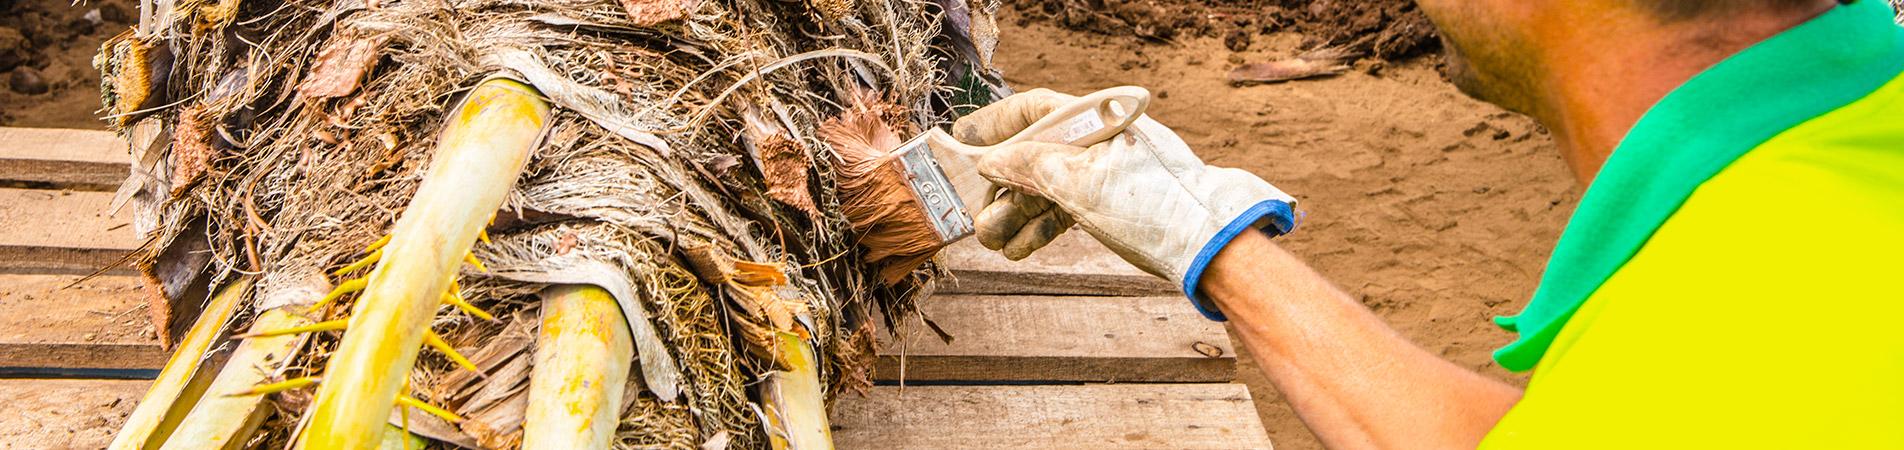 Trabajador de interjardin aplicando cicatrizante de poda a una palmera dactilifera